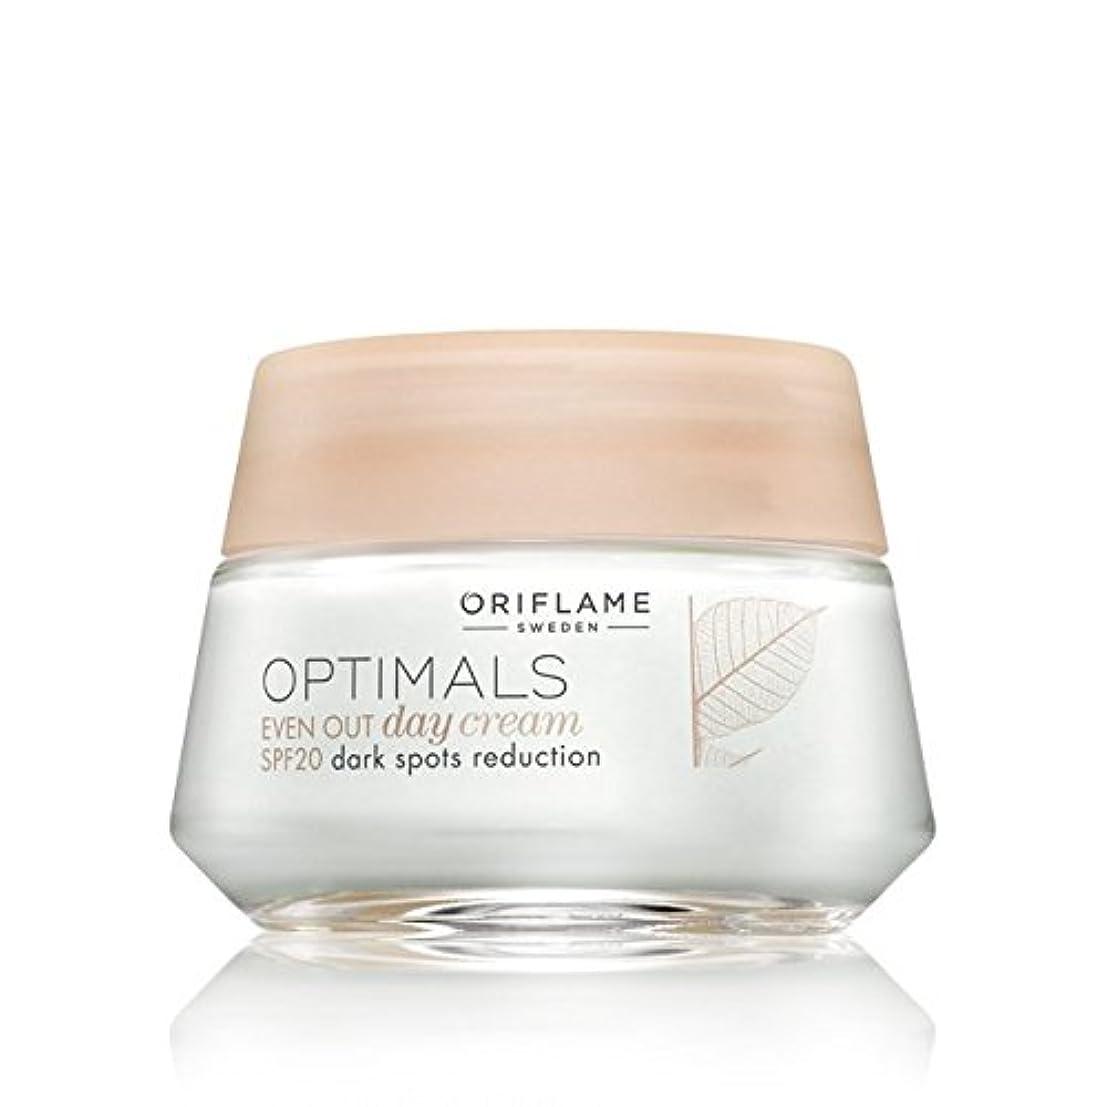 発見する偶然イヤホンOriflame Optimals SPF 20 Dark Spot Reduction Even Out Day Cream, 50ml